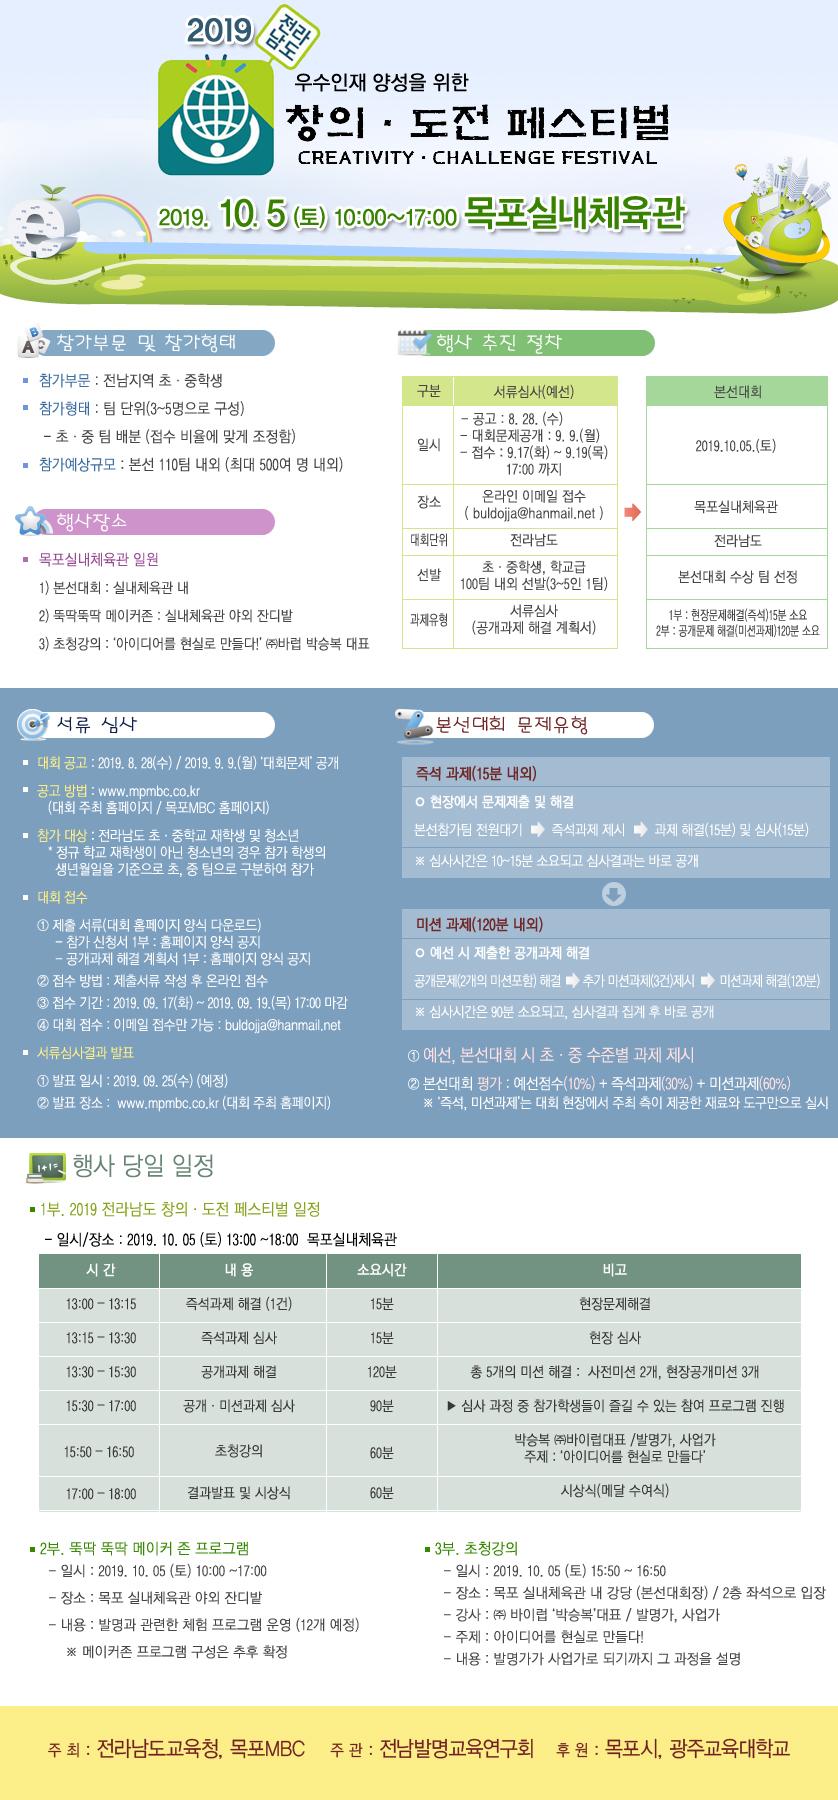 2019전라남도 창의.도전 페스티벌 행사정보